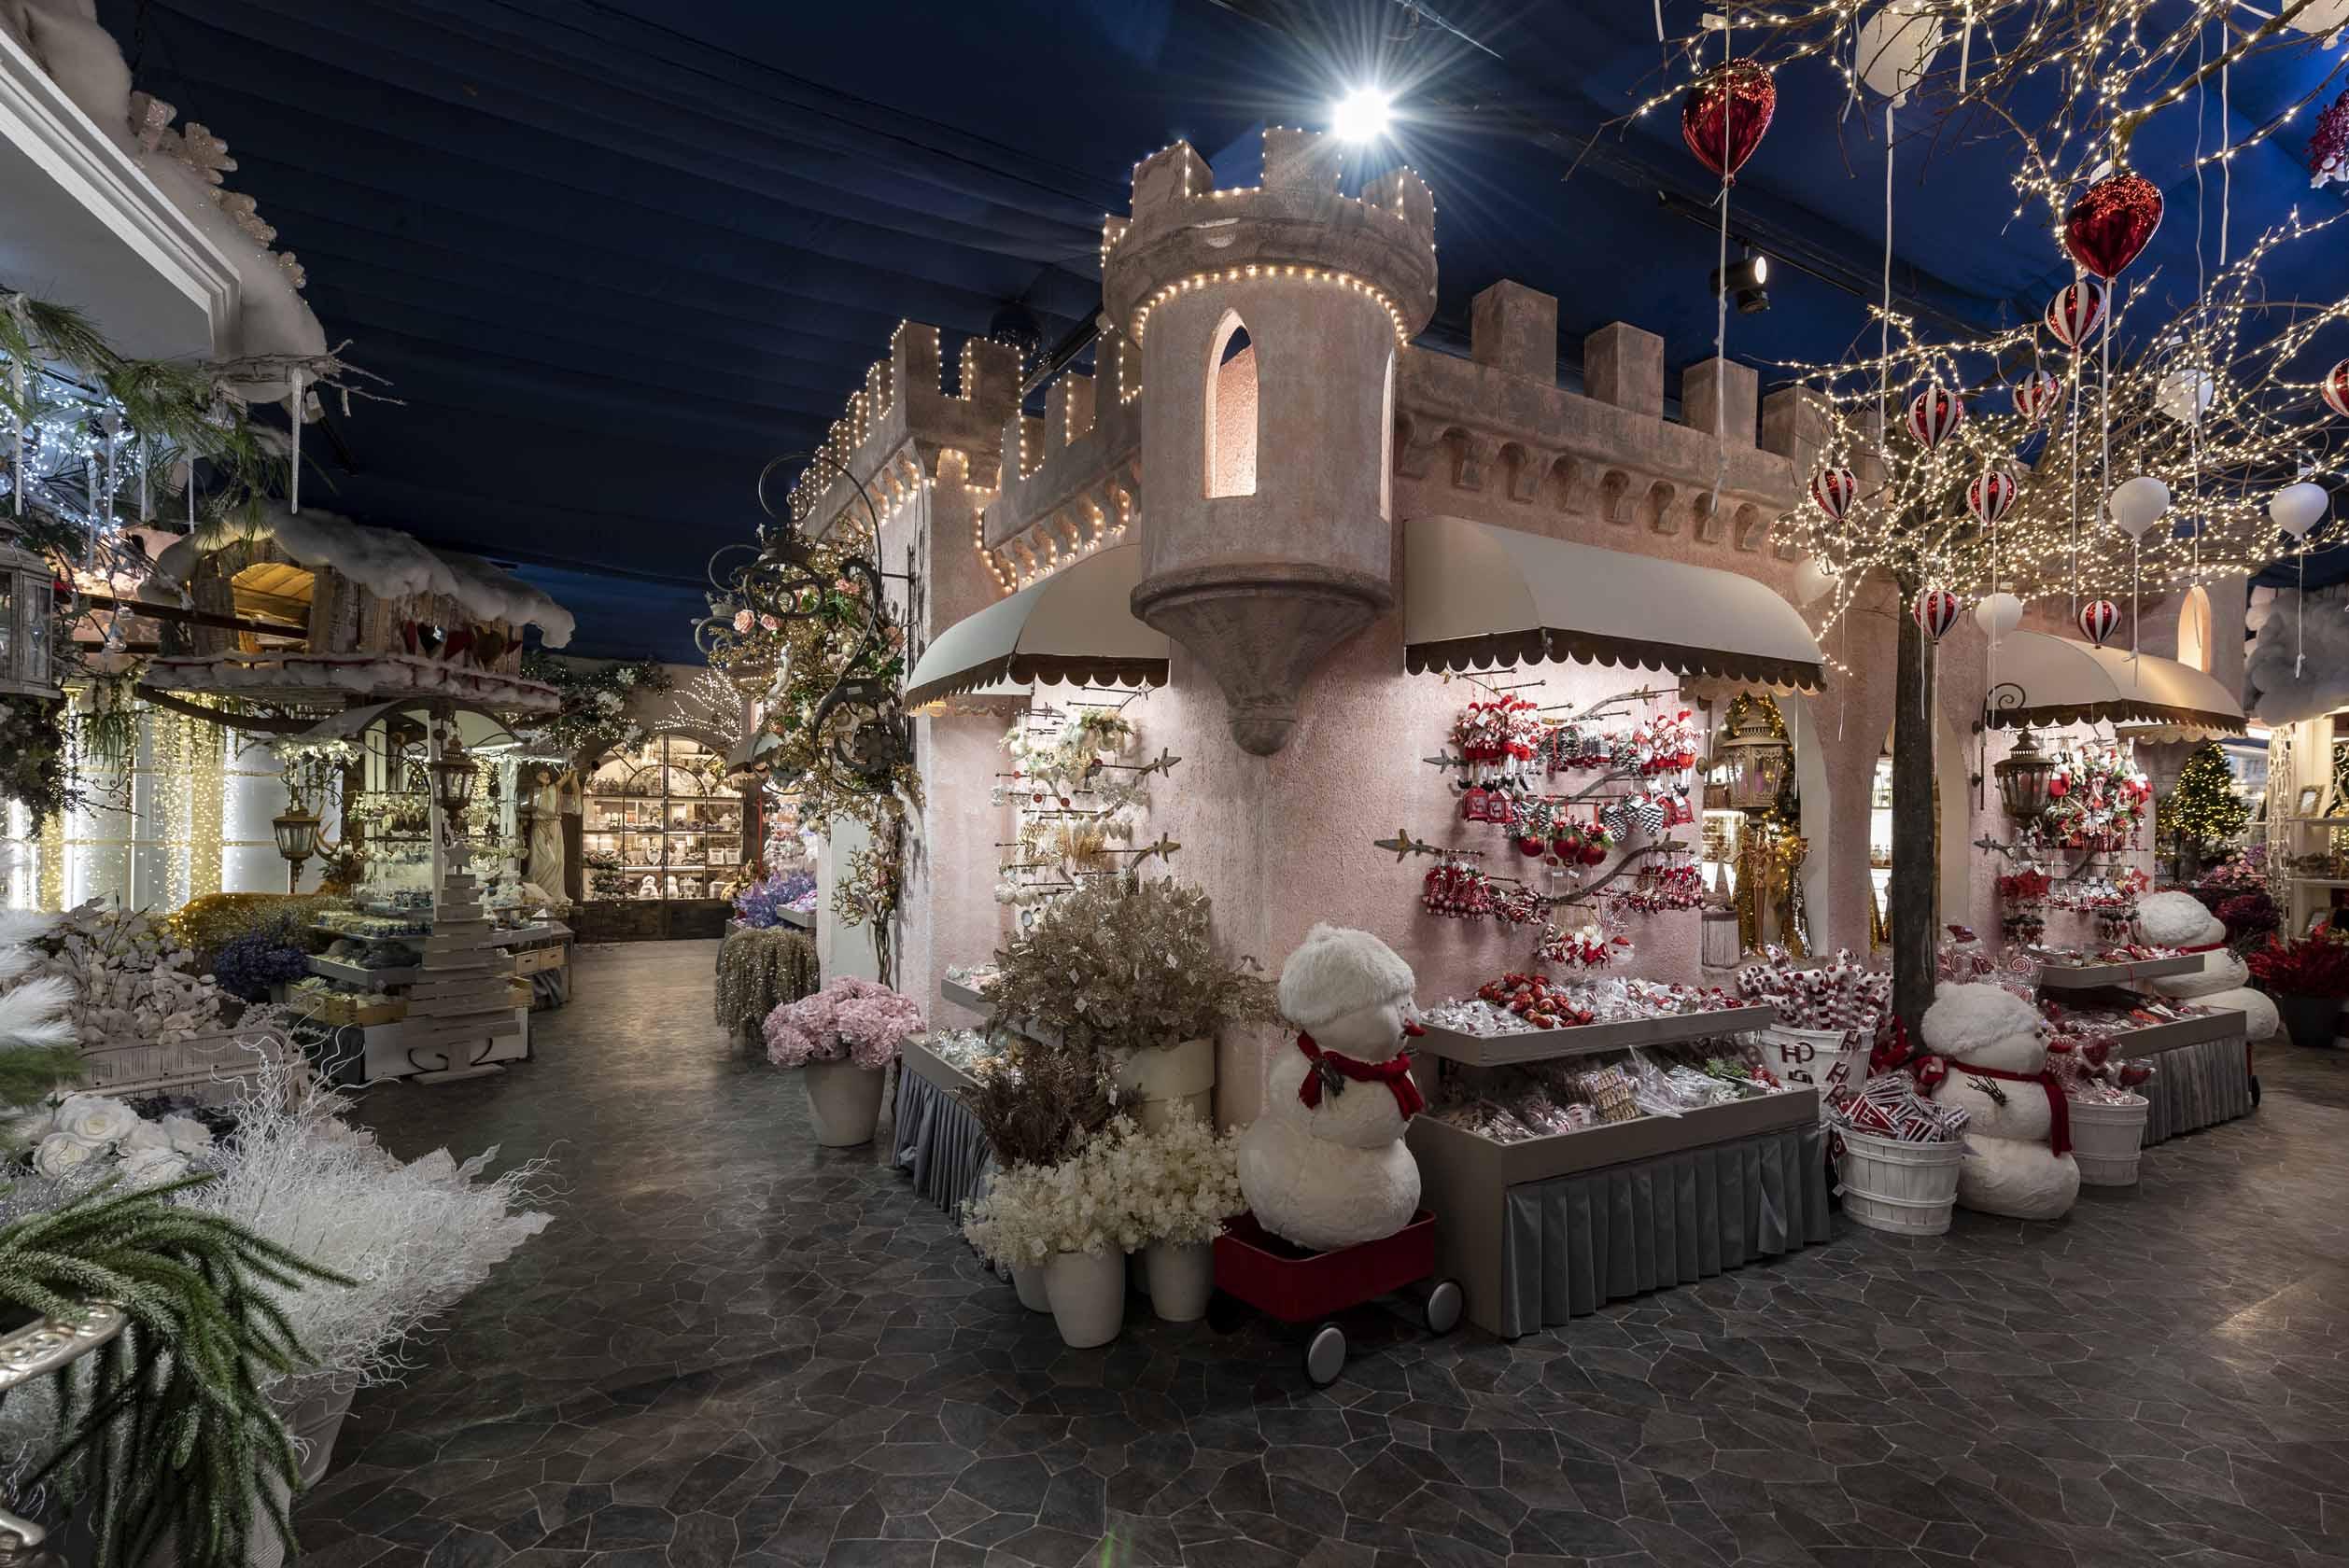 Villaggio di Natale Flover a Bussolengo 2019